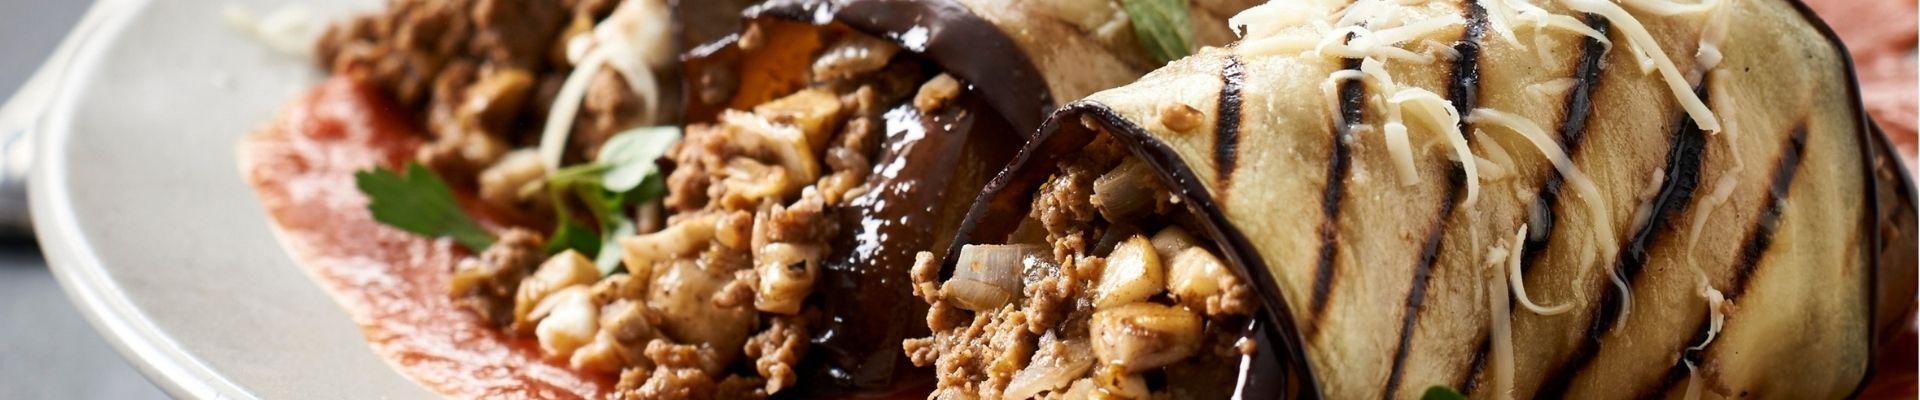 Mushroom and brinjal canneloni recipe